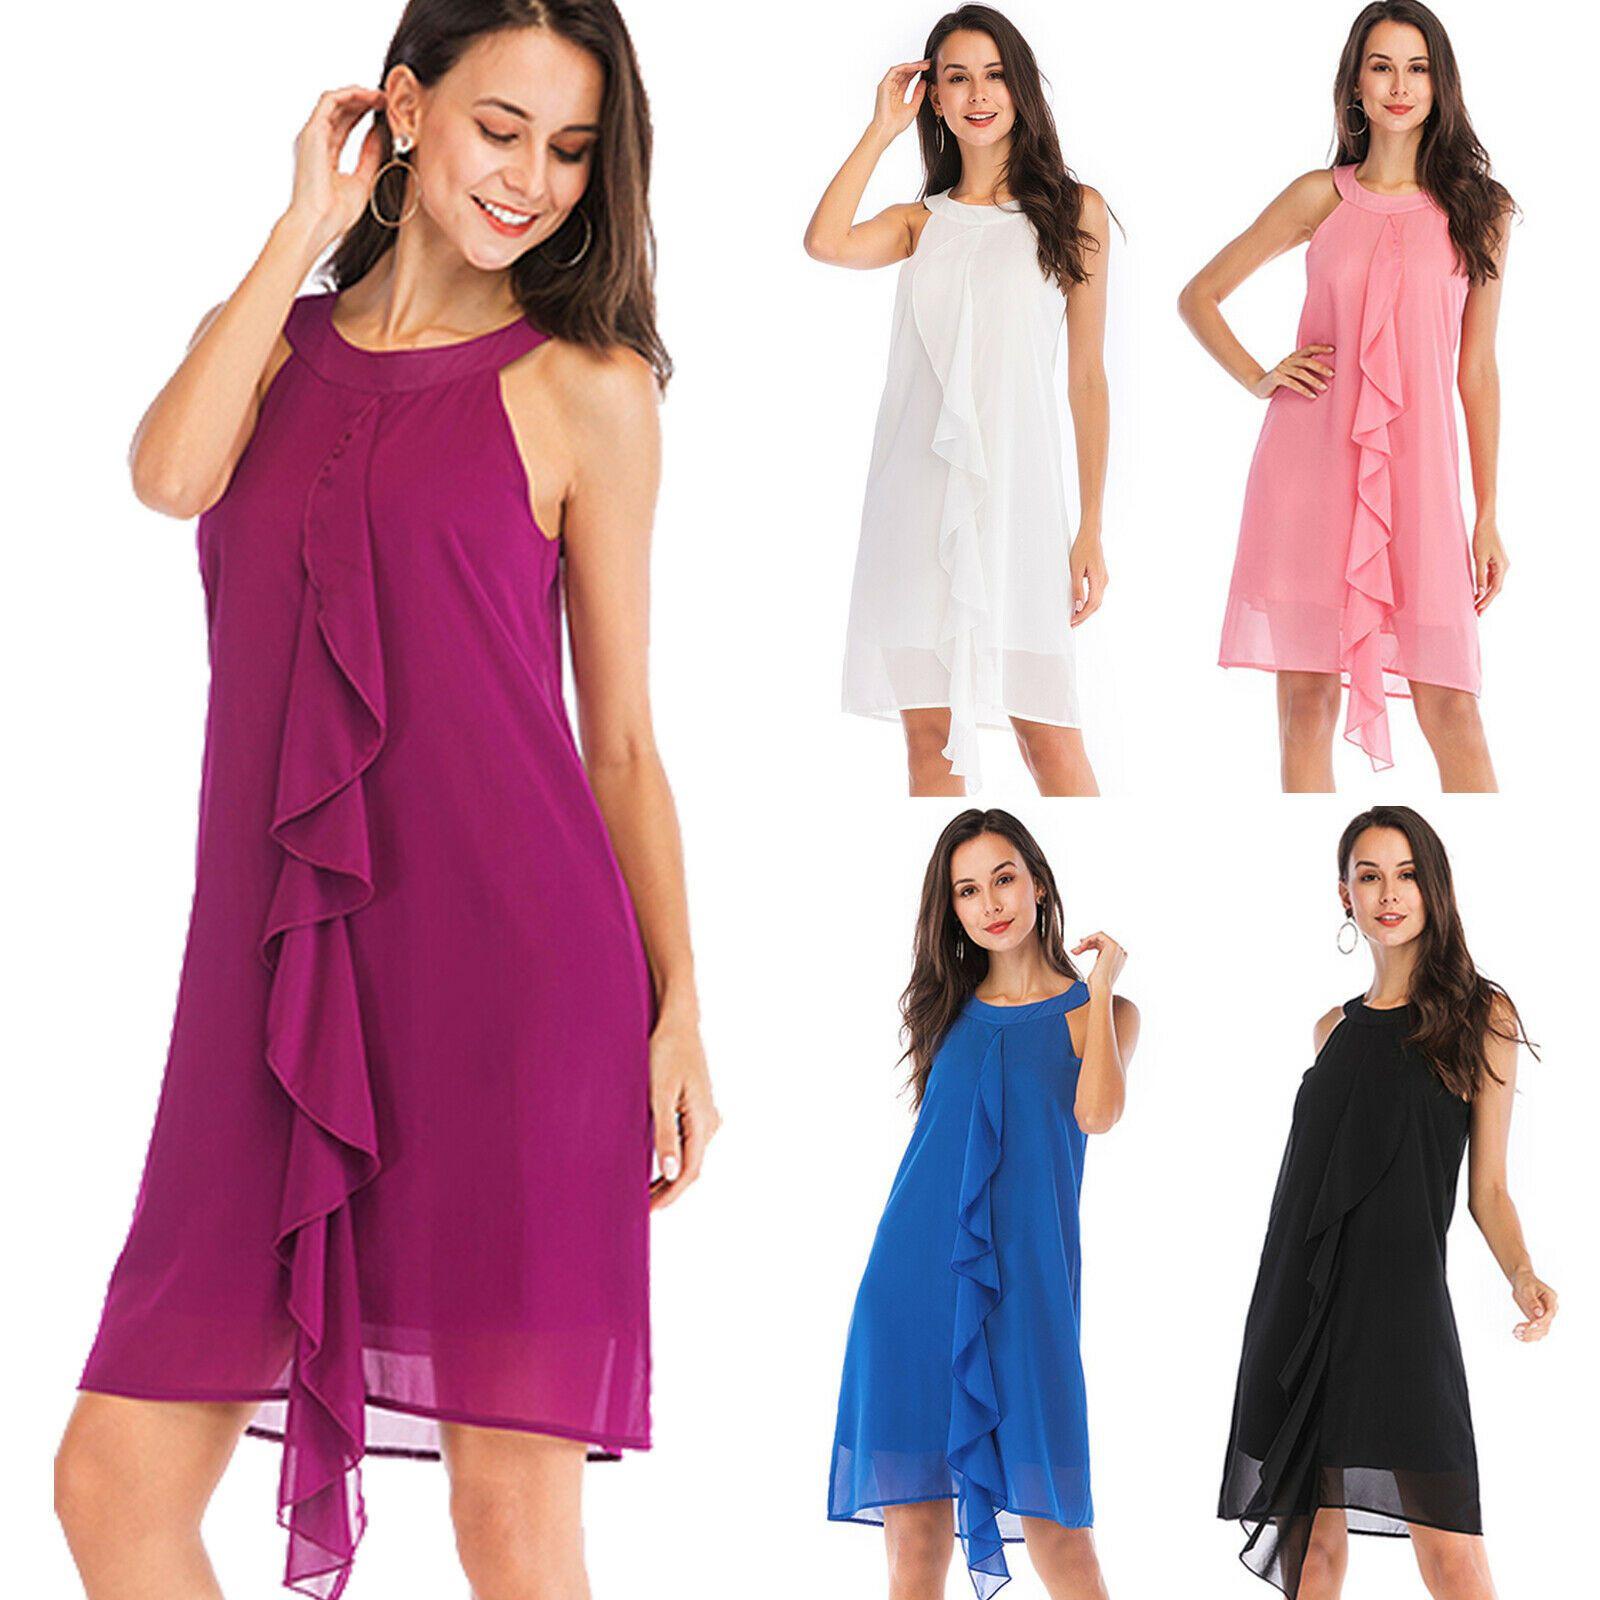 Formal Coolste Kleid Für Den Abend Spezialgebiet10 Wunderbar Kleid Für Den Abend Boutique